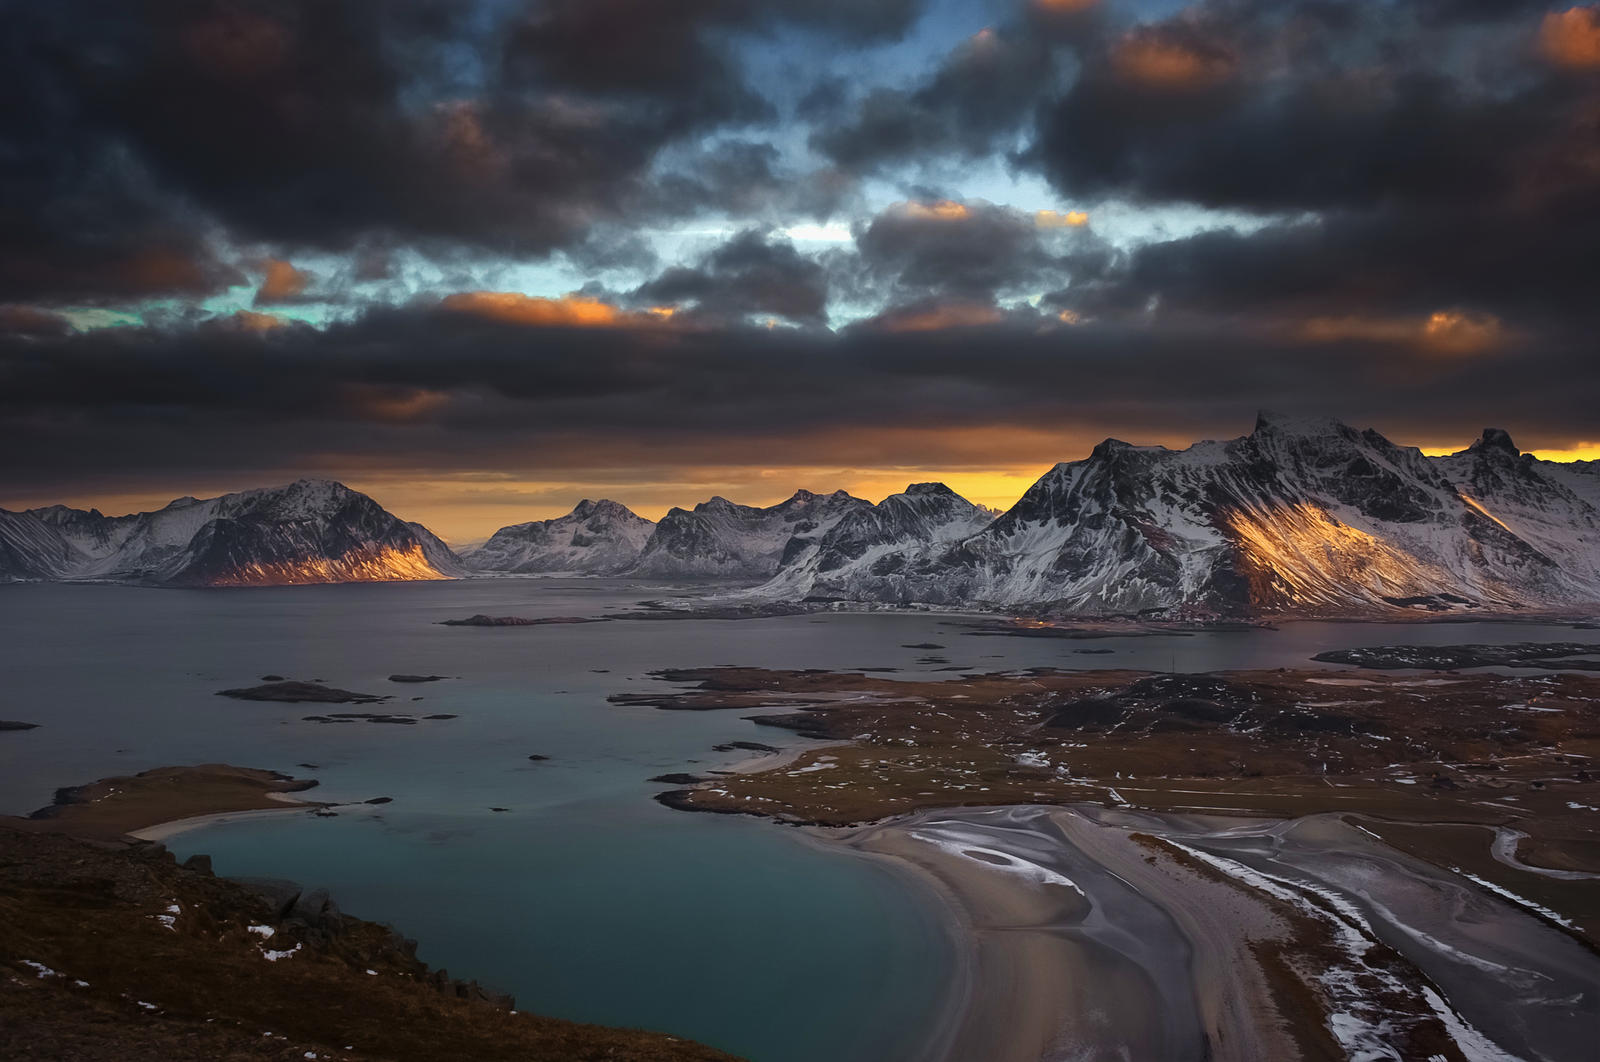 Utsikt fra Yttersandheia by steinliland